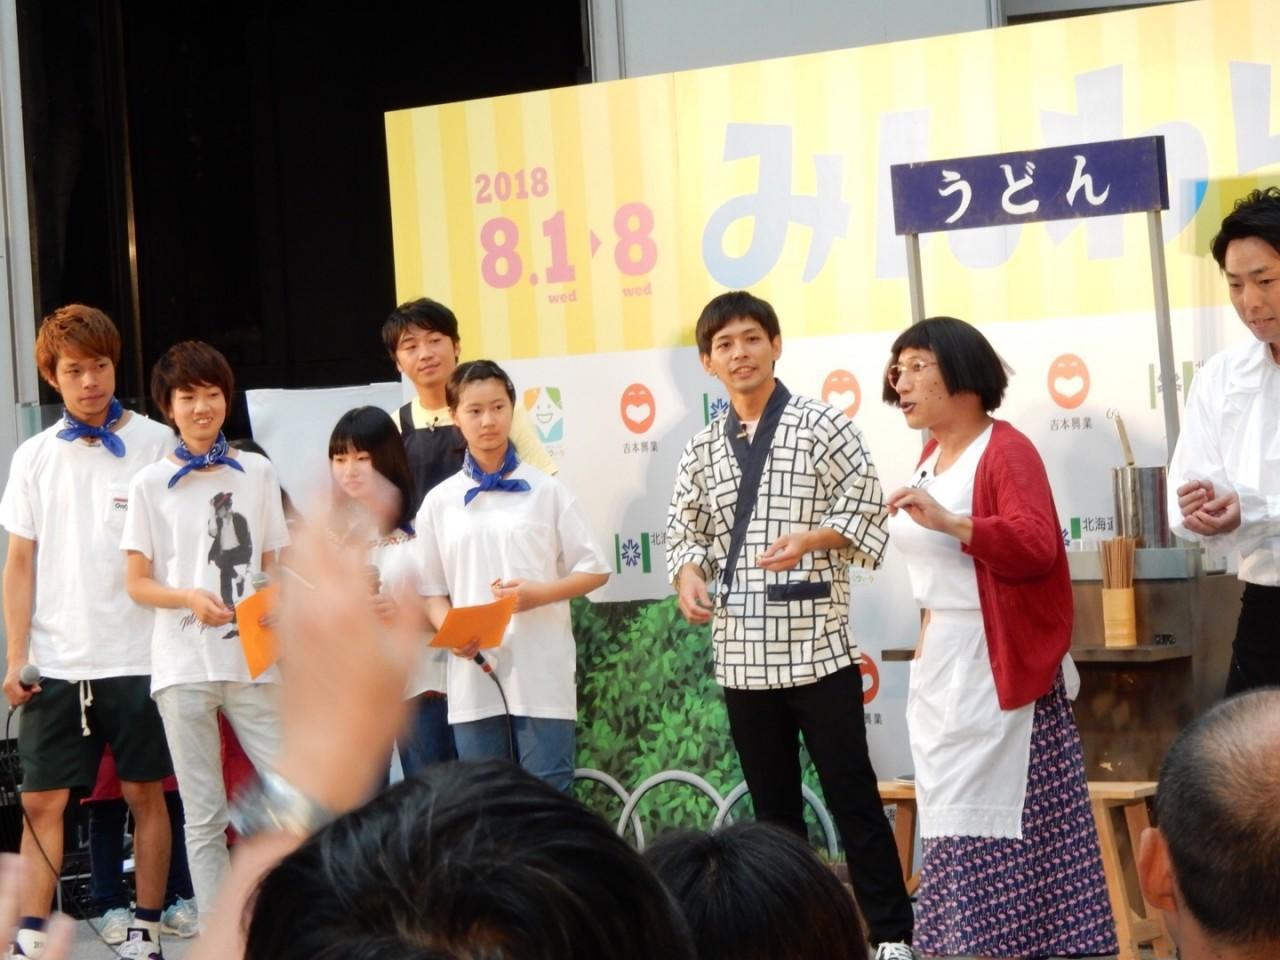 http://news.yoshimoto.co.jp/20180810114143-ce166ff2f29fc7b243af2c8fdab89bb165a70a35.jpg